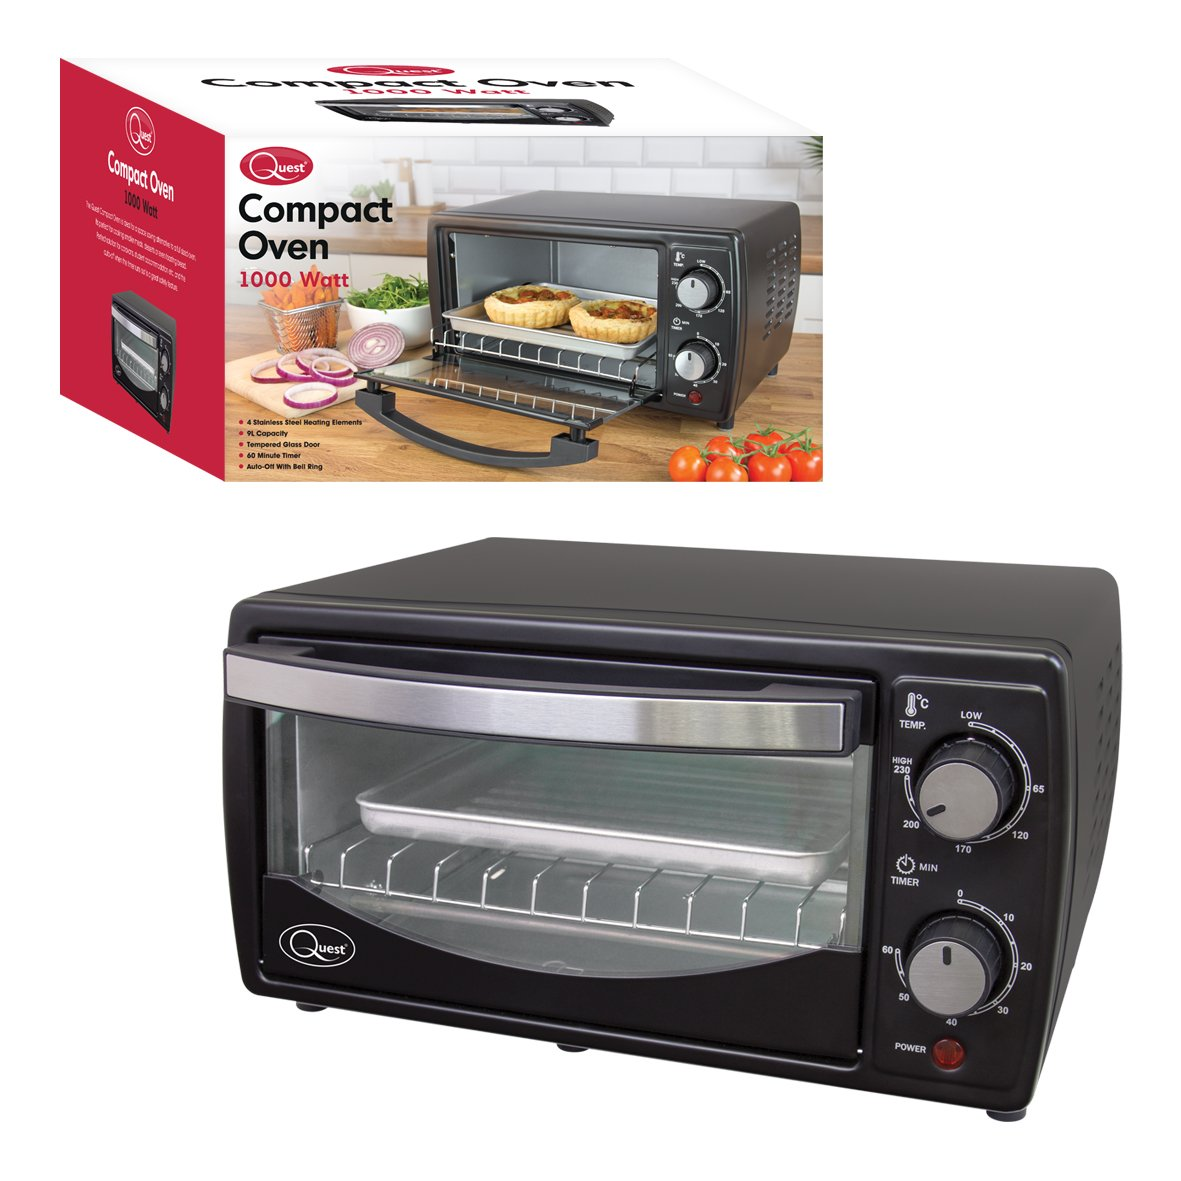 Quest 35400 Mini Oven 9 Litre Black Energy Class A 1000 W 9